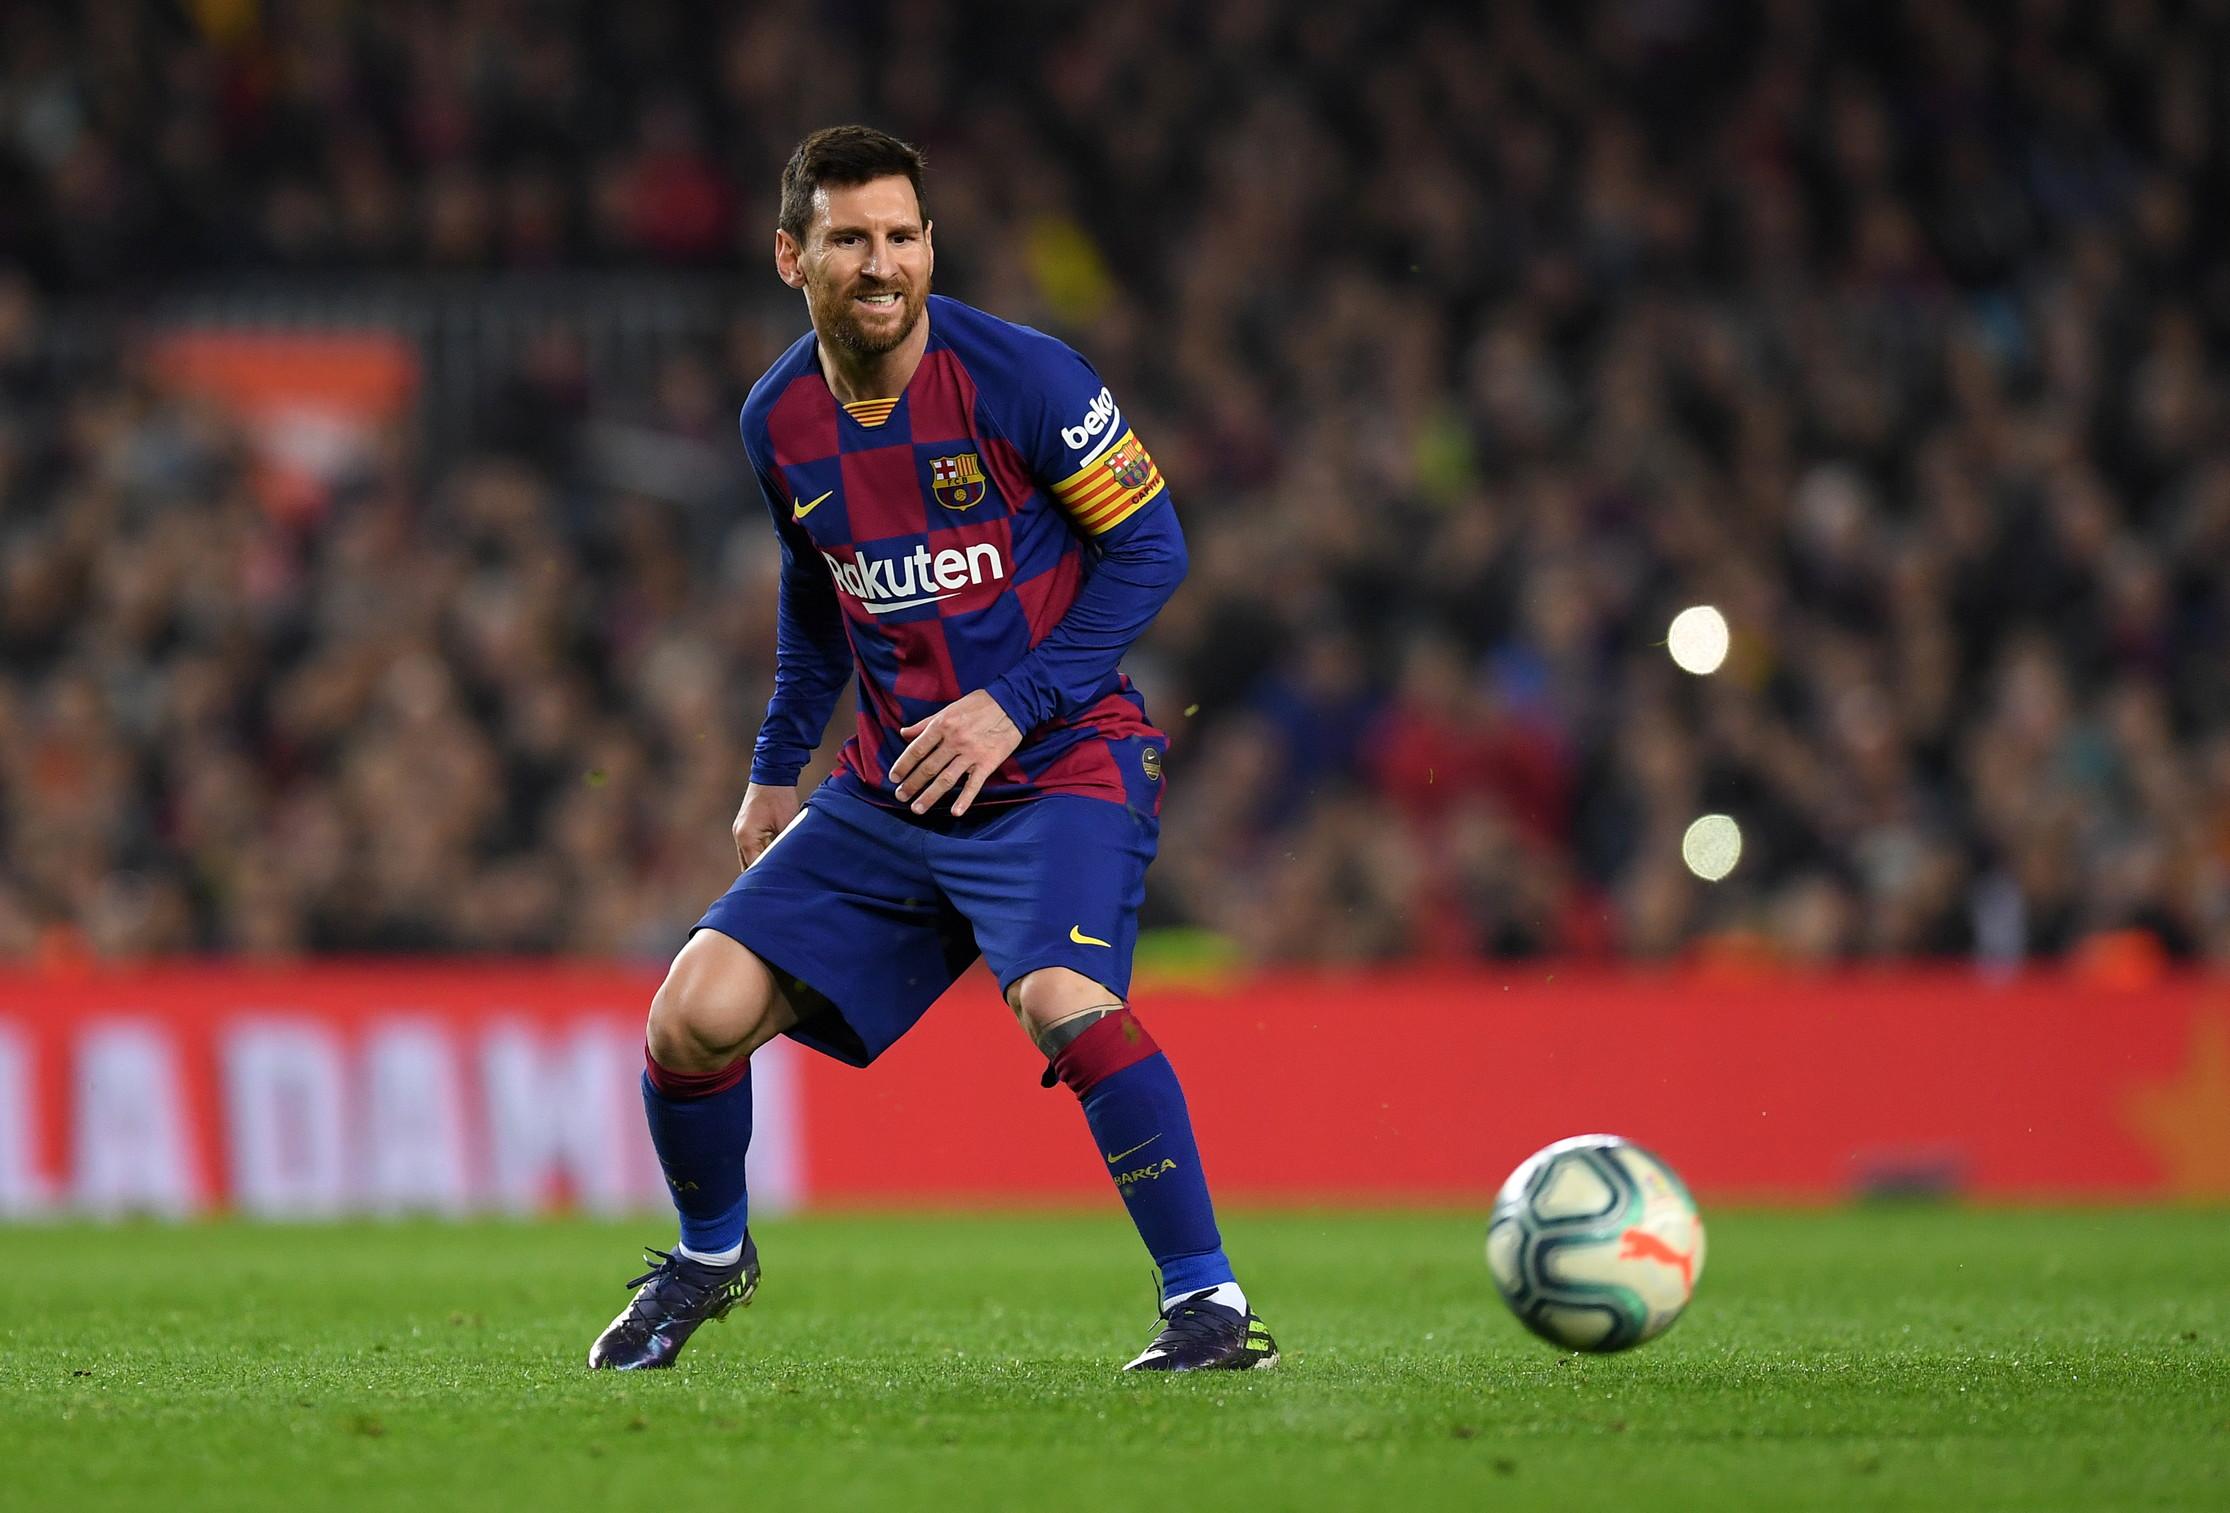 8) Lionel Messi (calcio)